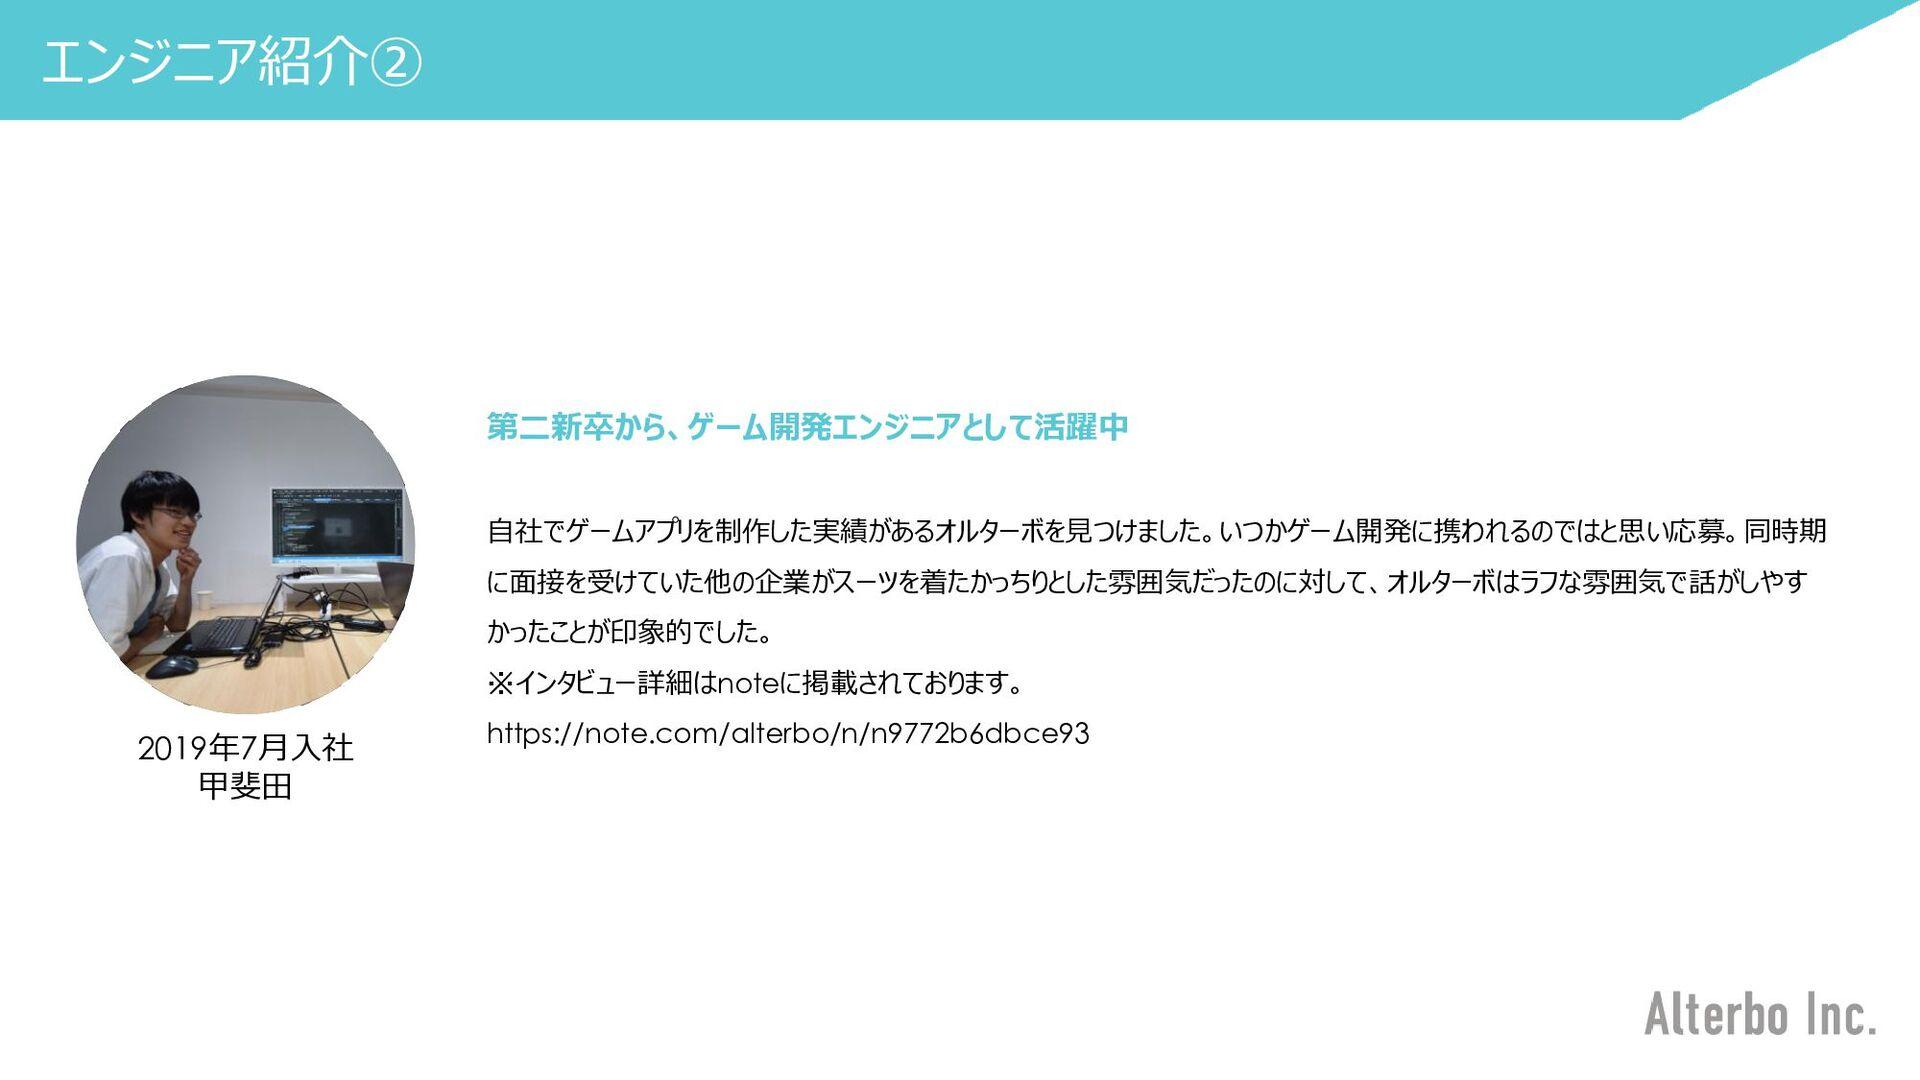 エンジニアプレゼン制度 ◼ 自身の技術スキルを言語化、他者へ説明できるようにしてスキル定着化を...